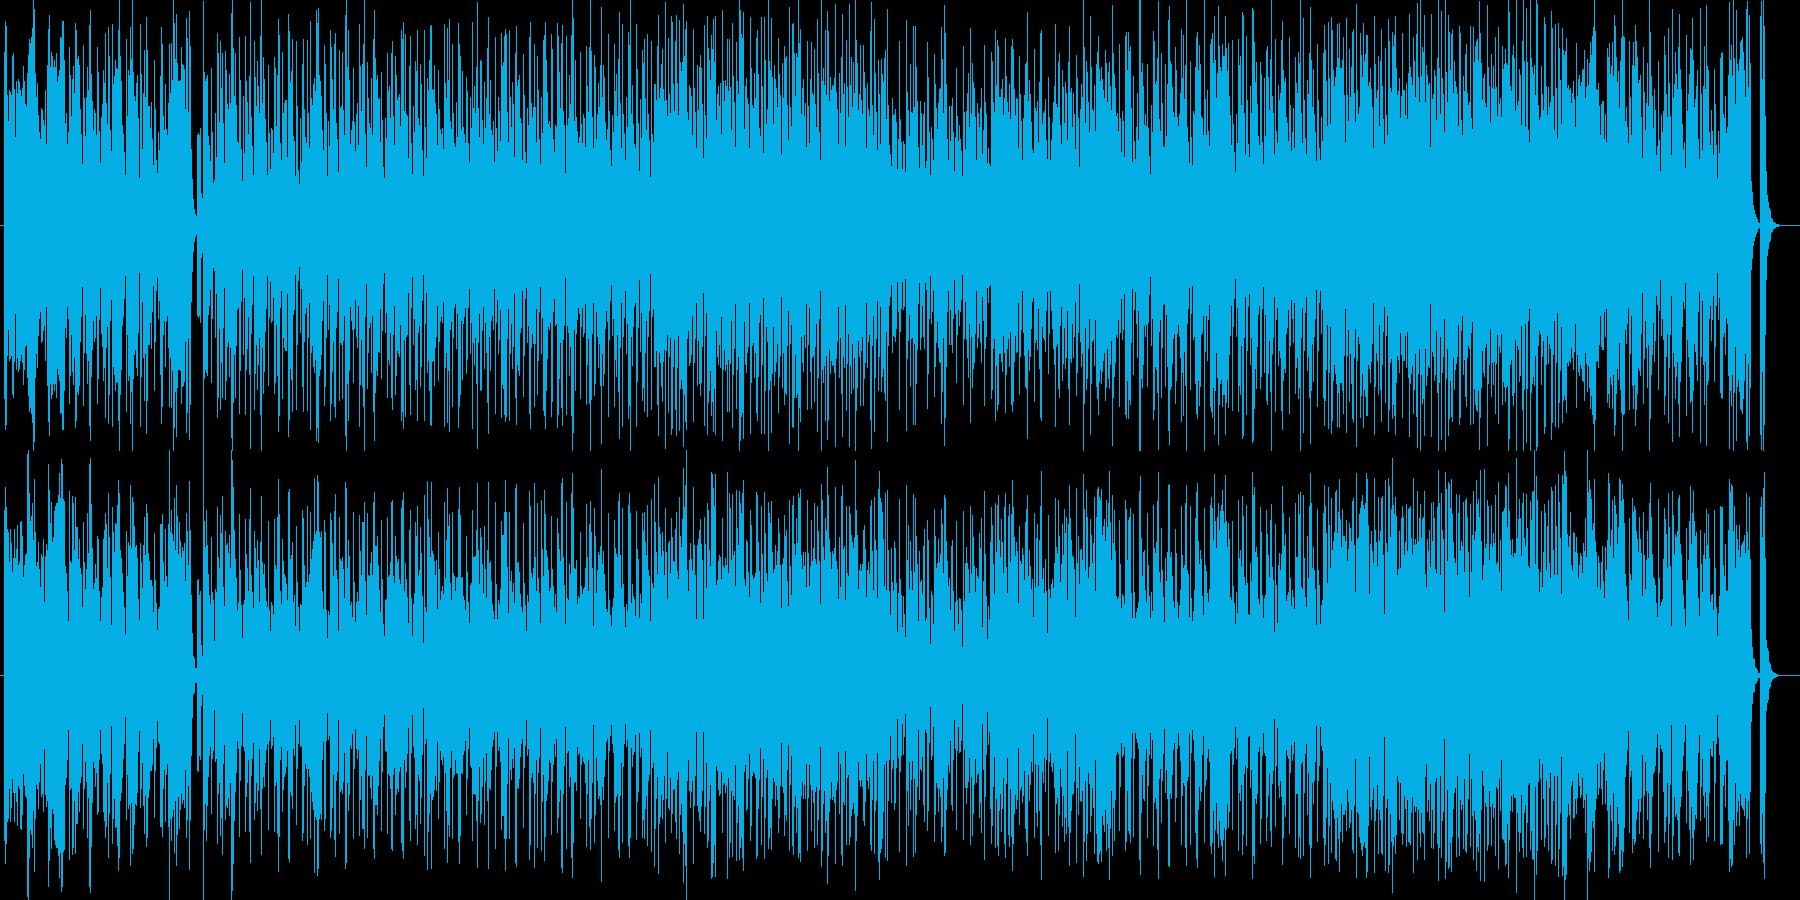 ほのぼのシンセ・ドラムなどポップサウンドの再生済みの波形